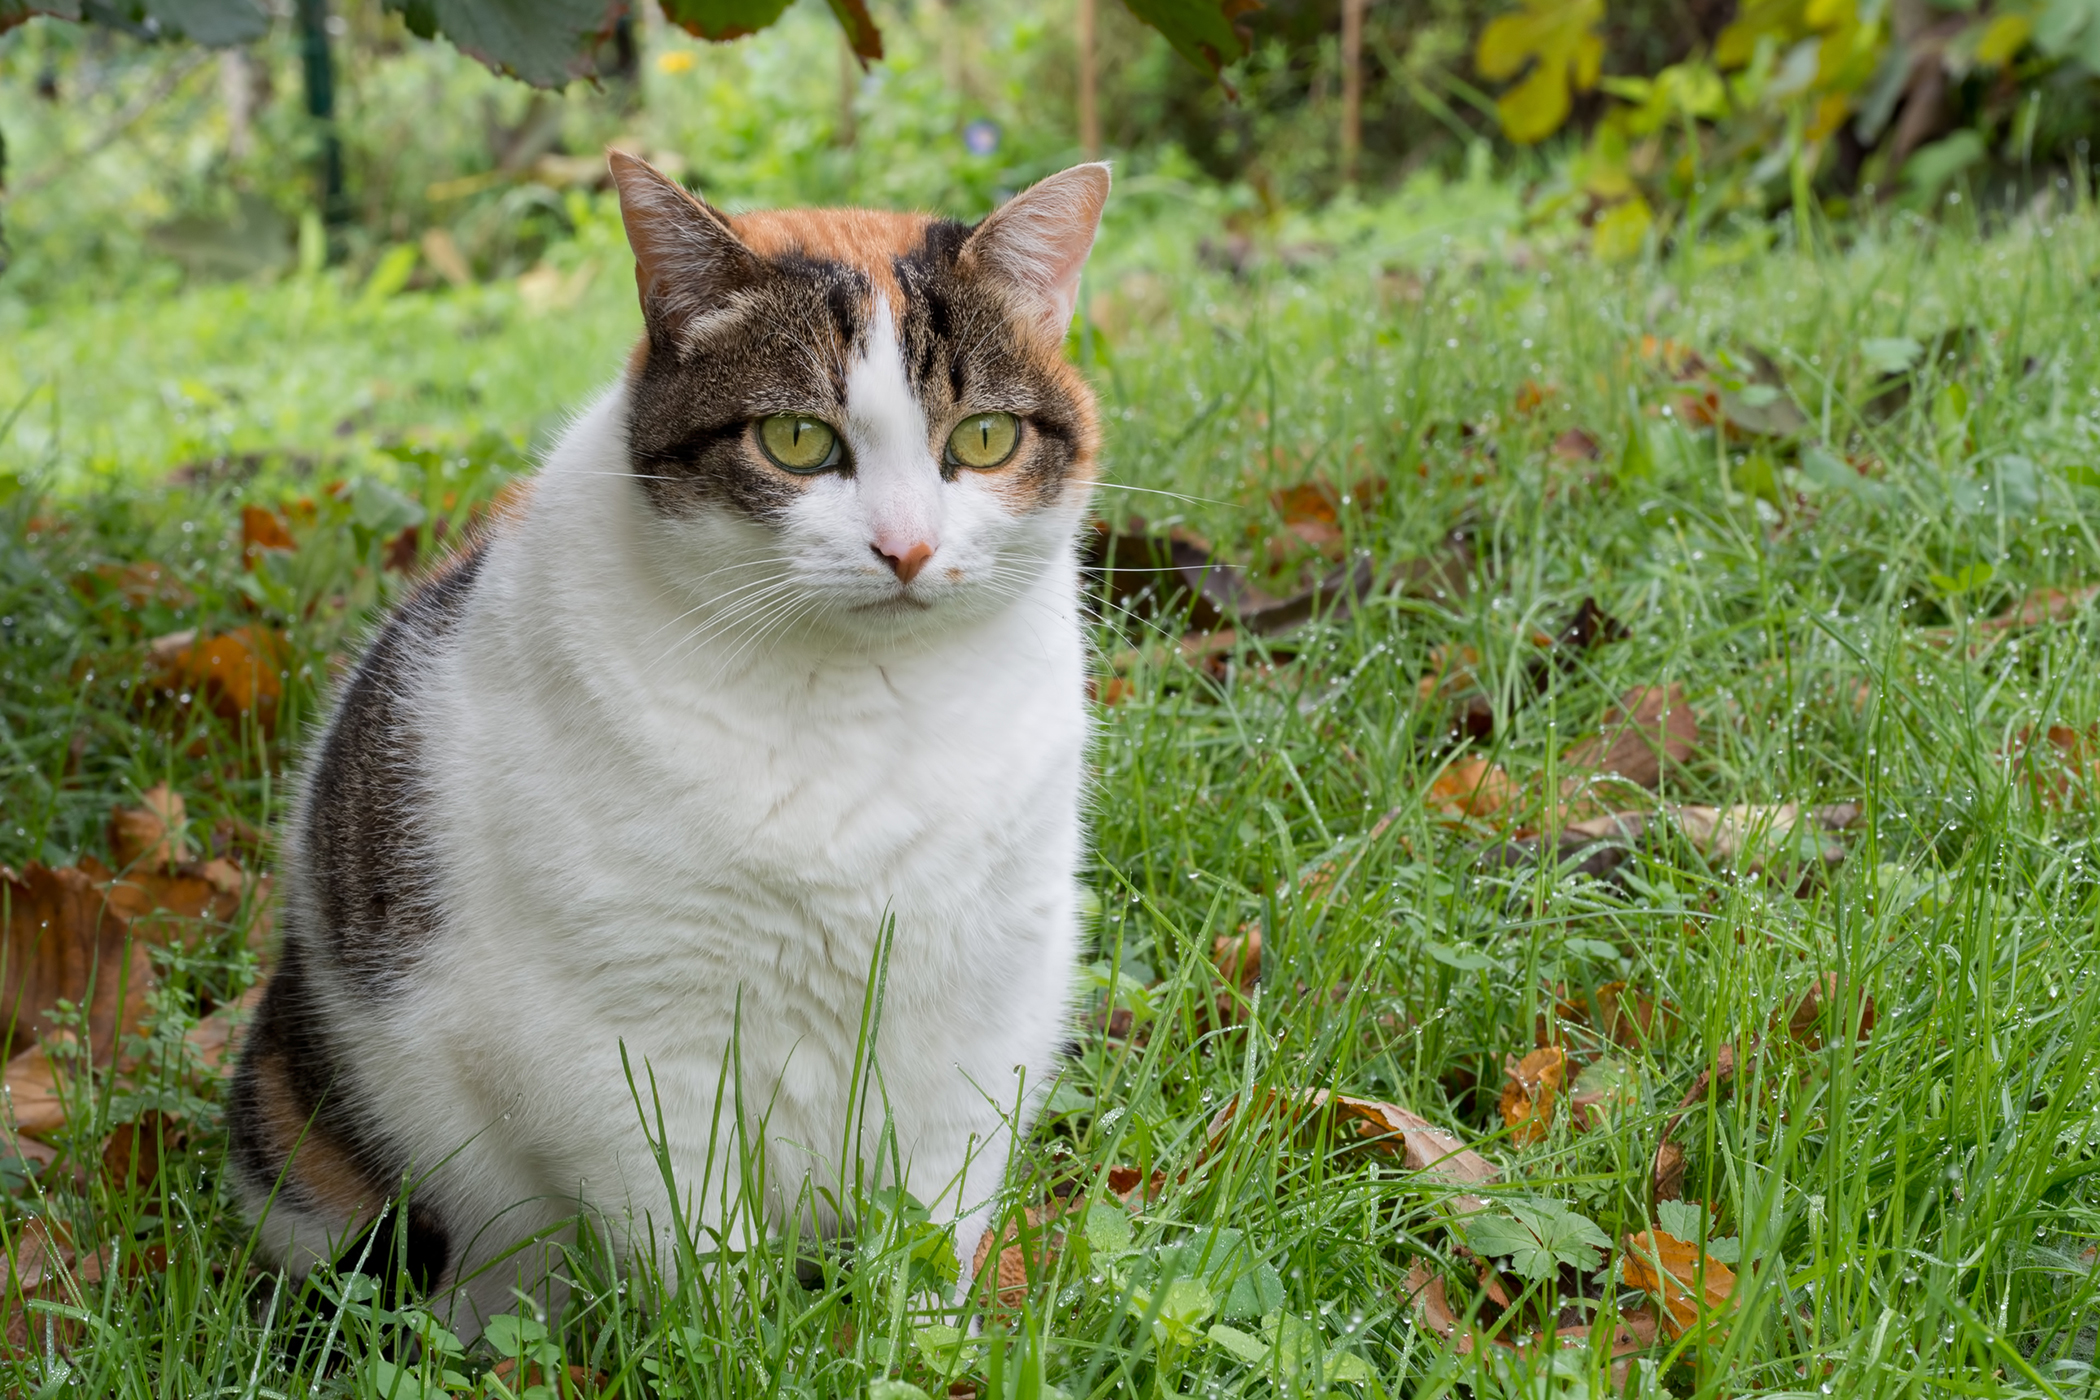 Yogurt Allergy in Cats